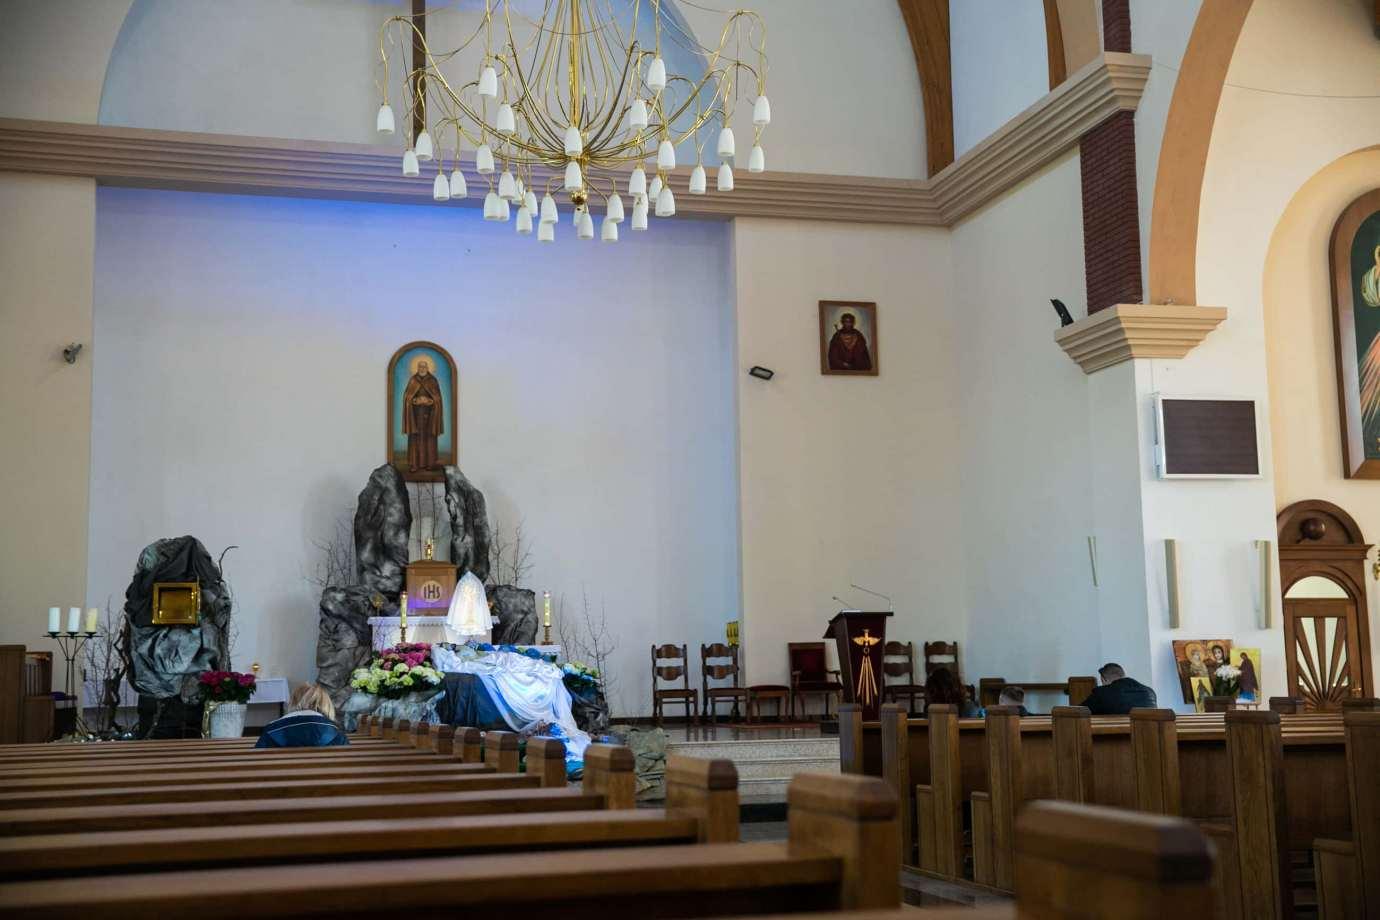 parafia pw swietego brata alberta w zamosciu 5 Zdjęcia grobów pańskich w zamojskich świątyniach